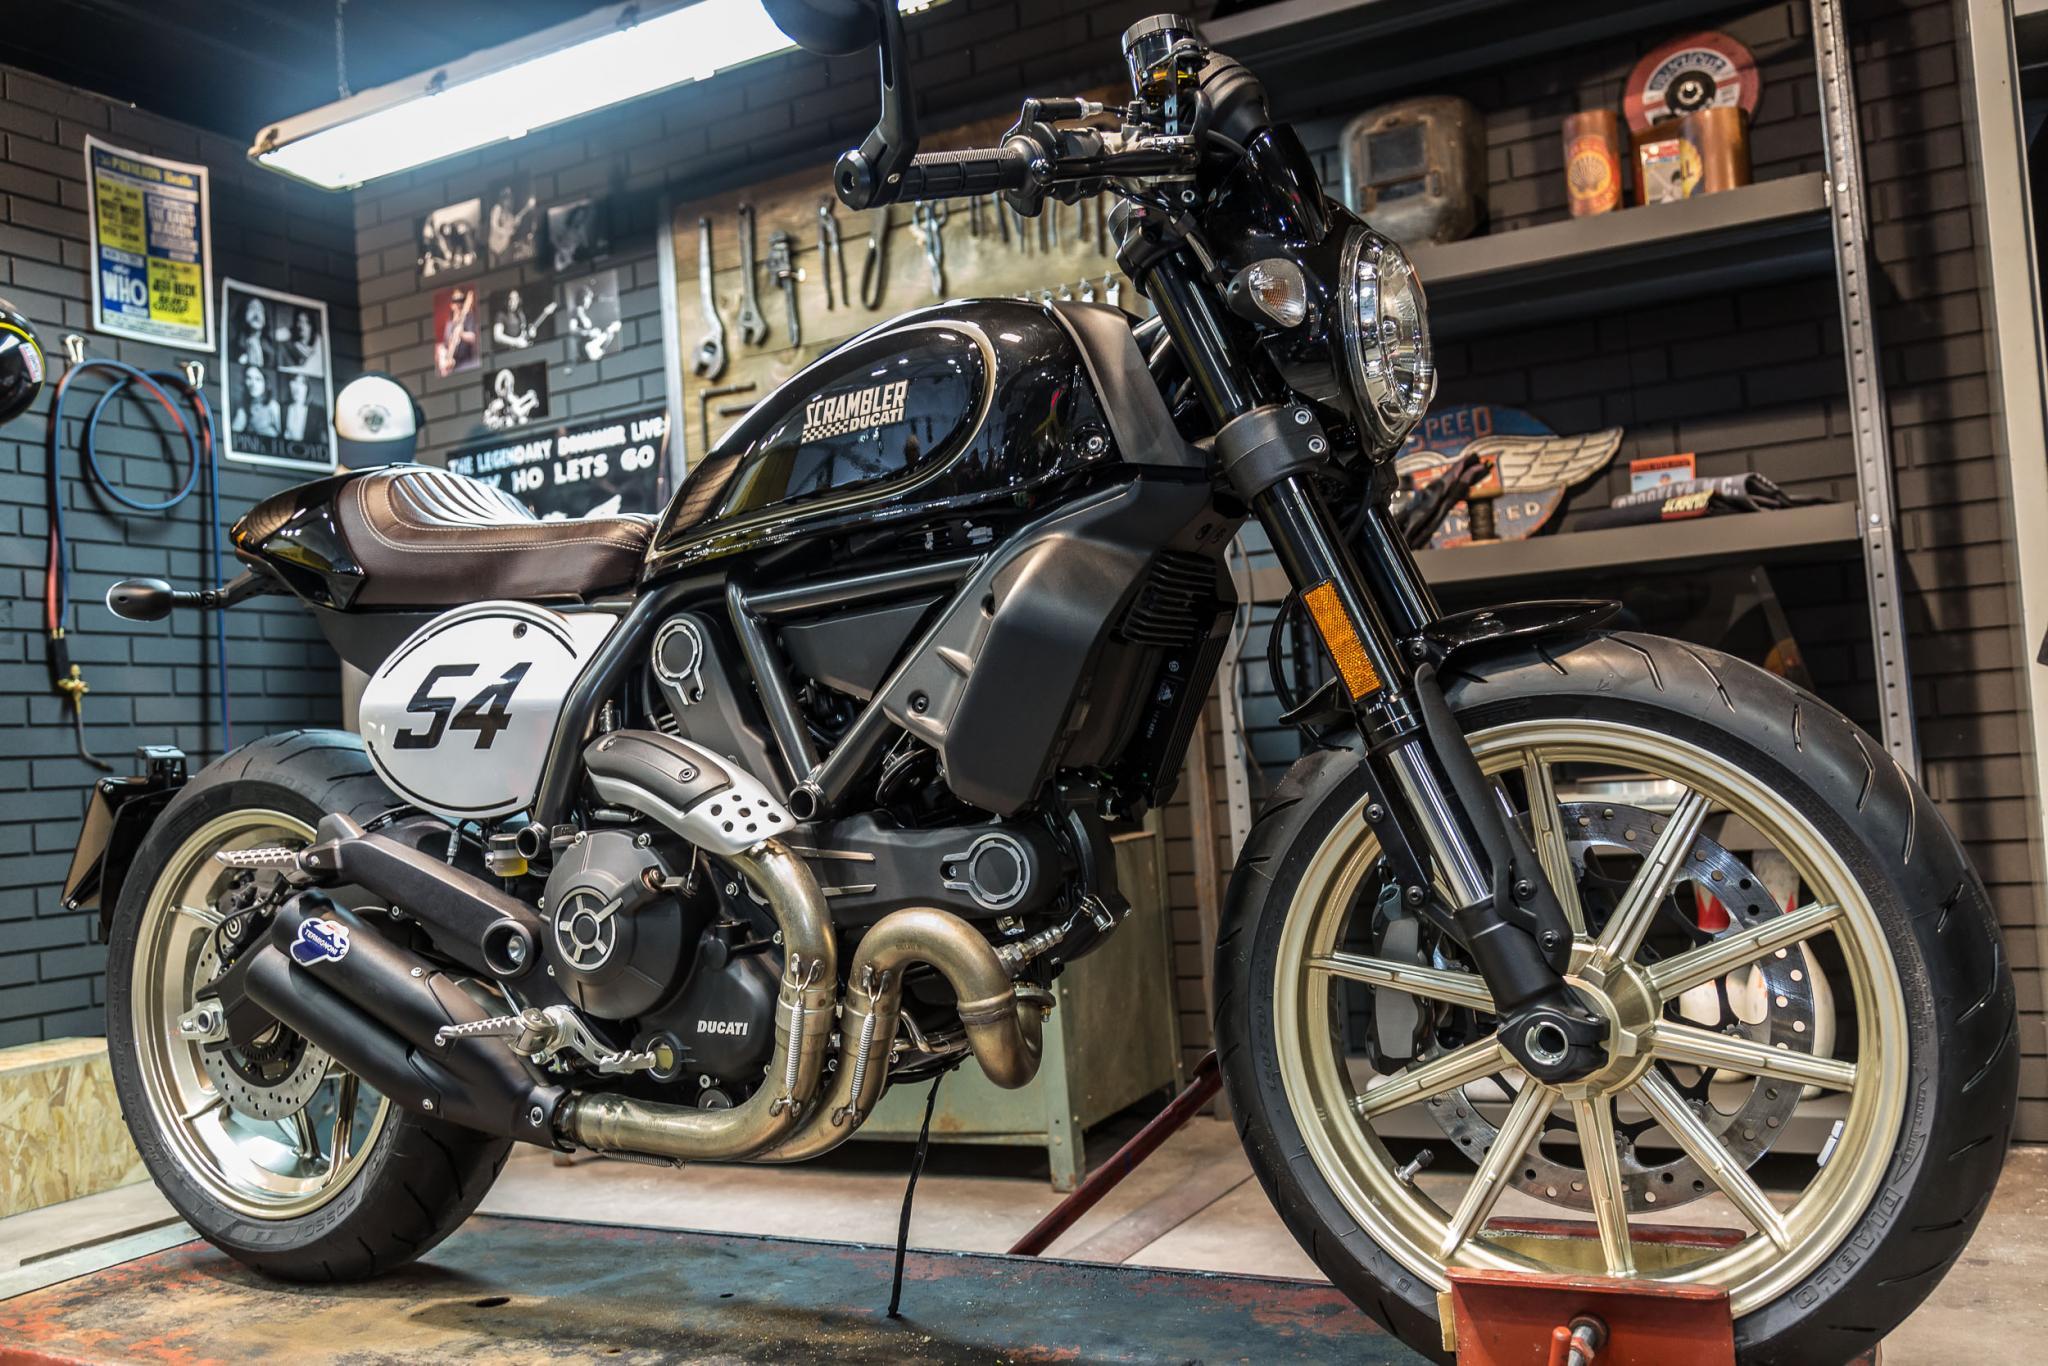 Ducati Scrambler Cafe Racer 2017 Motorrad Fotos & Motorrad